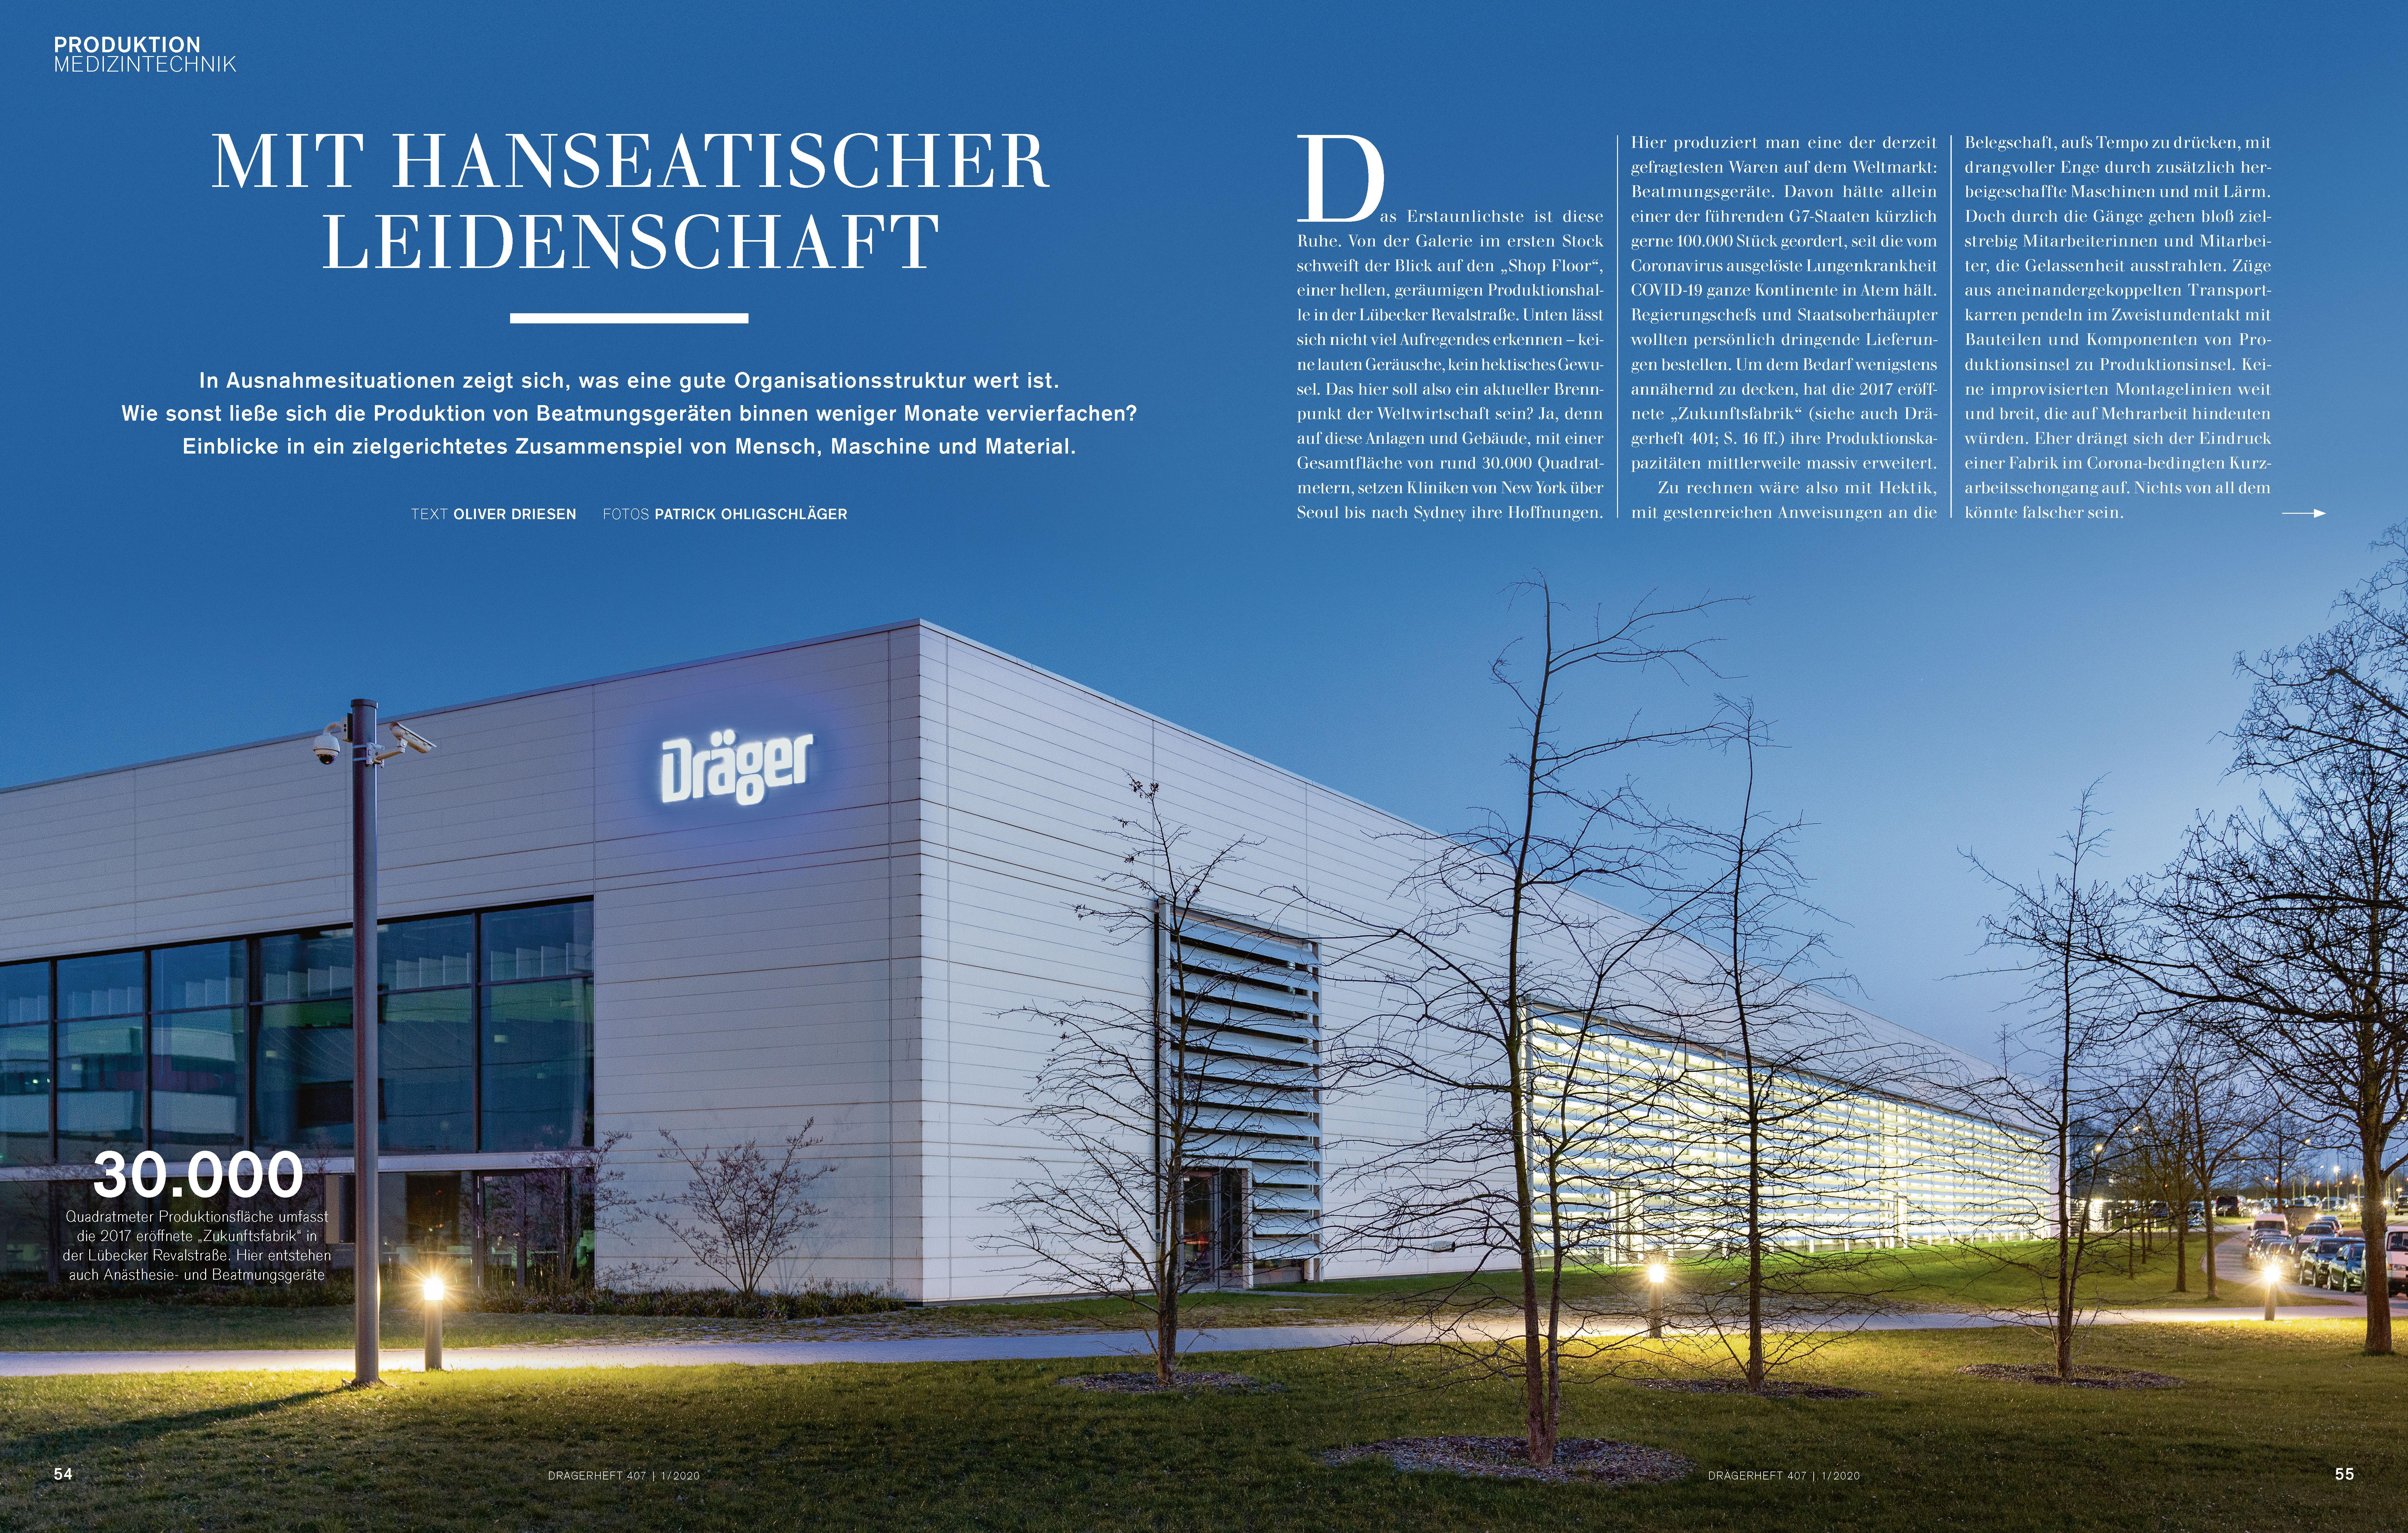 Draeger_407_Produktion_01